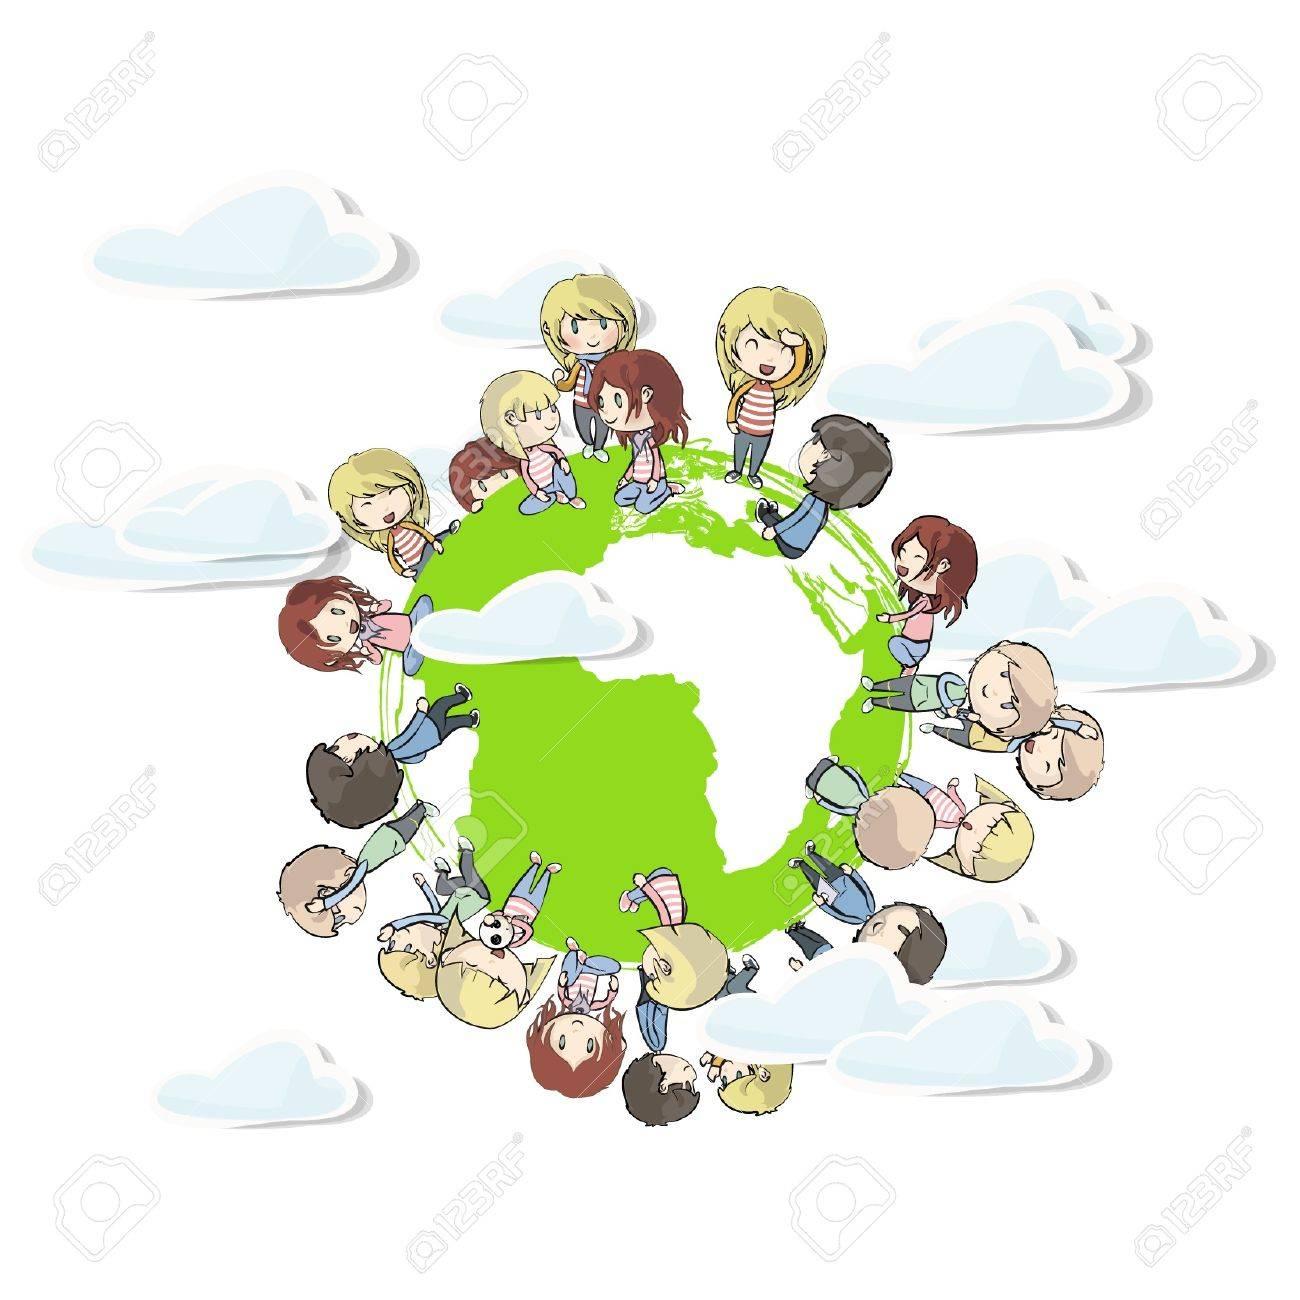 children around the world. - 16867603